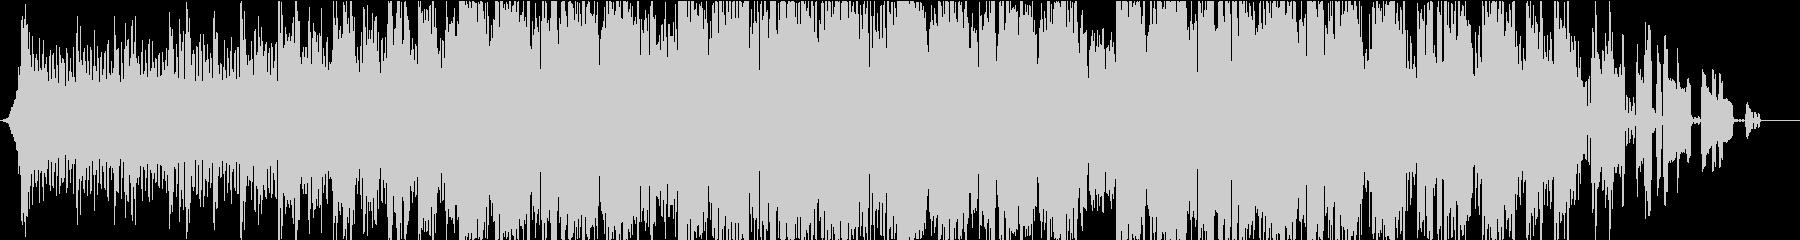 エレクトロ 交響曲 ダブステップ ...の未再生の波形